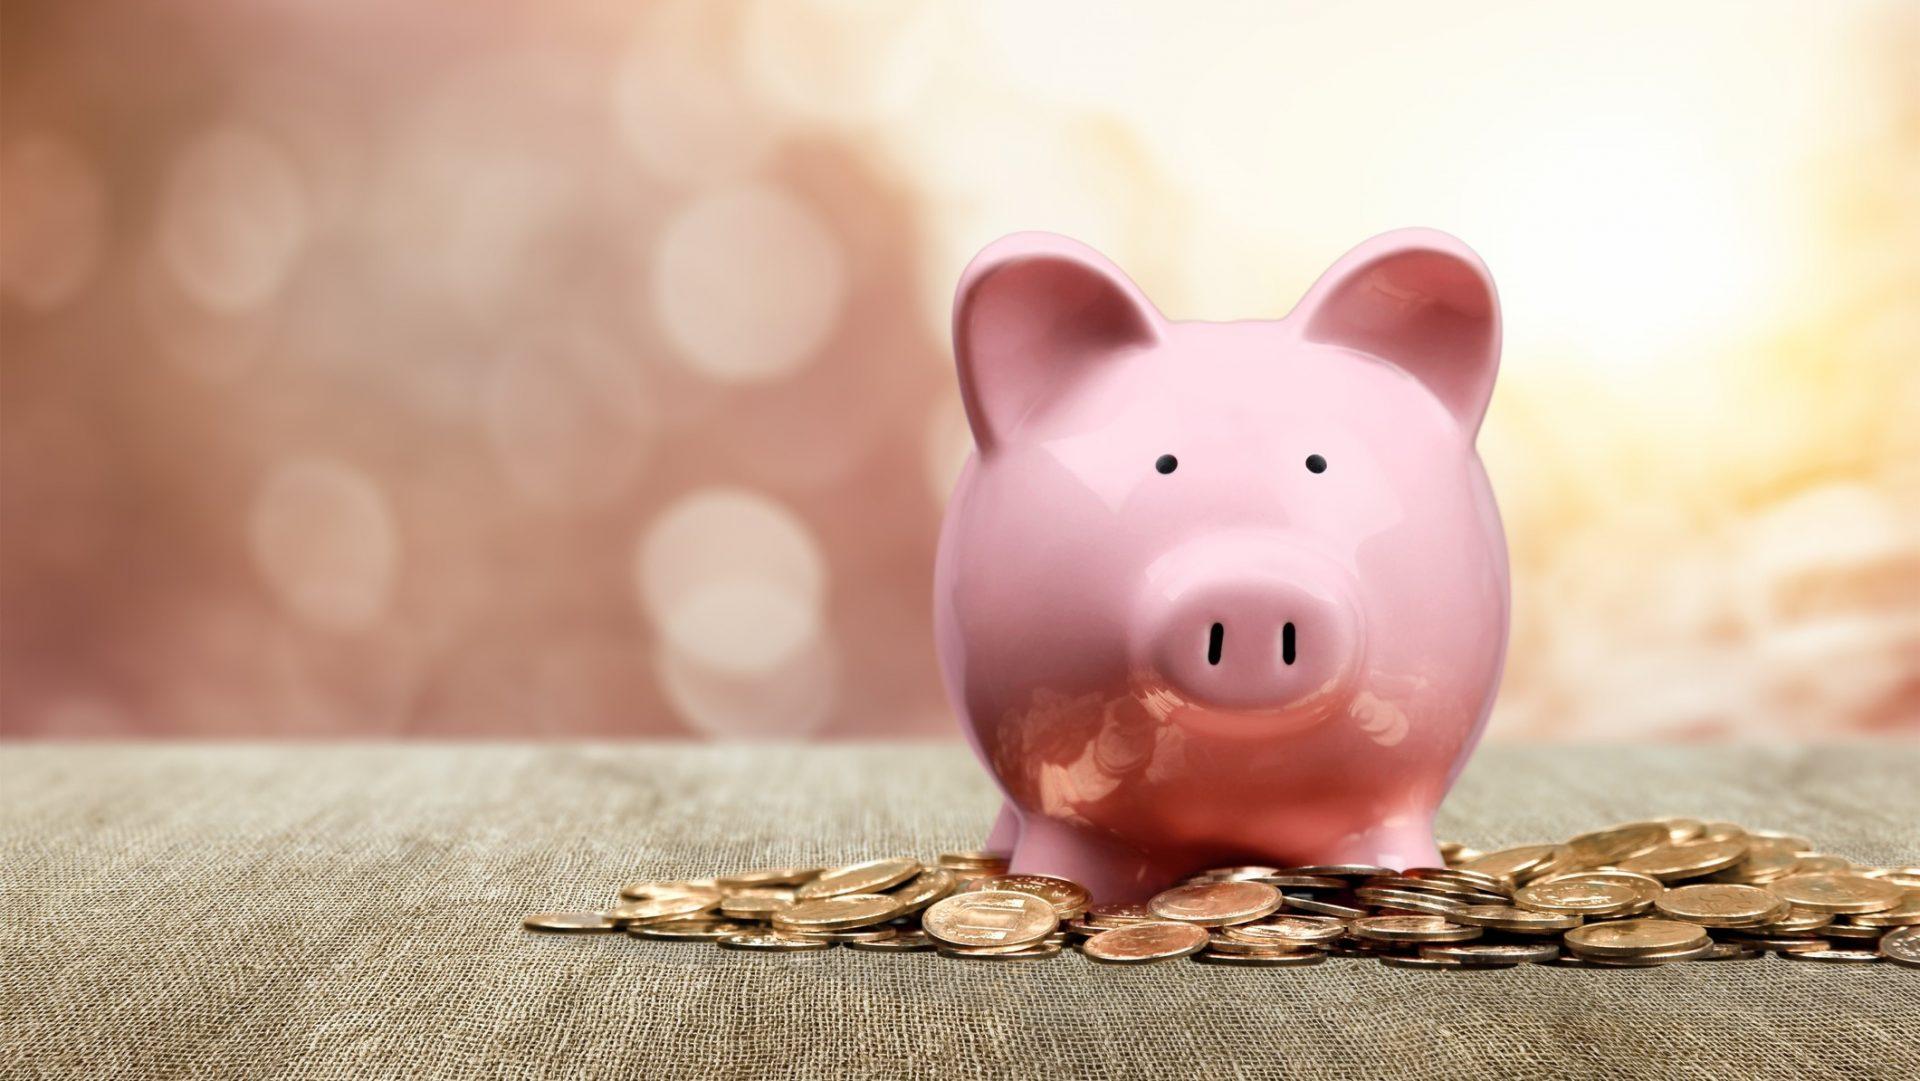 Aukso vidurio paieška: taupyti ar išleisti?